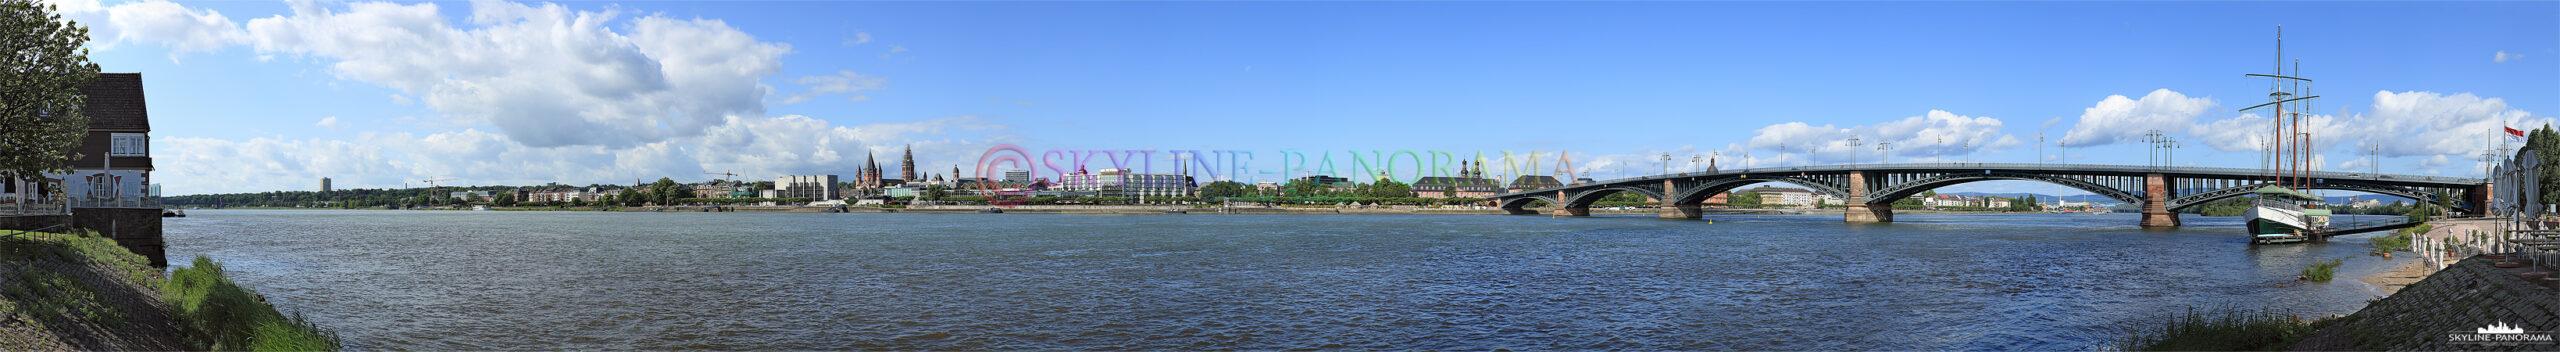 Skyline Mainz - Die Stadtansicht auf Mainz vom Rheinufer in Mainz Kastel gesehen.